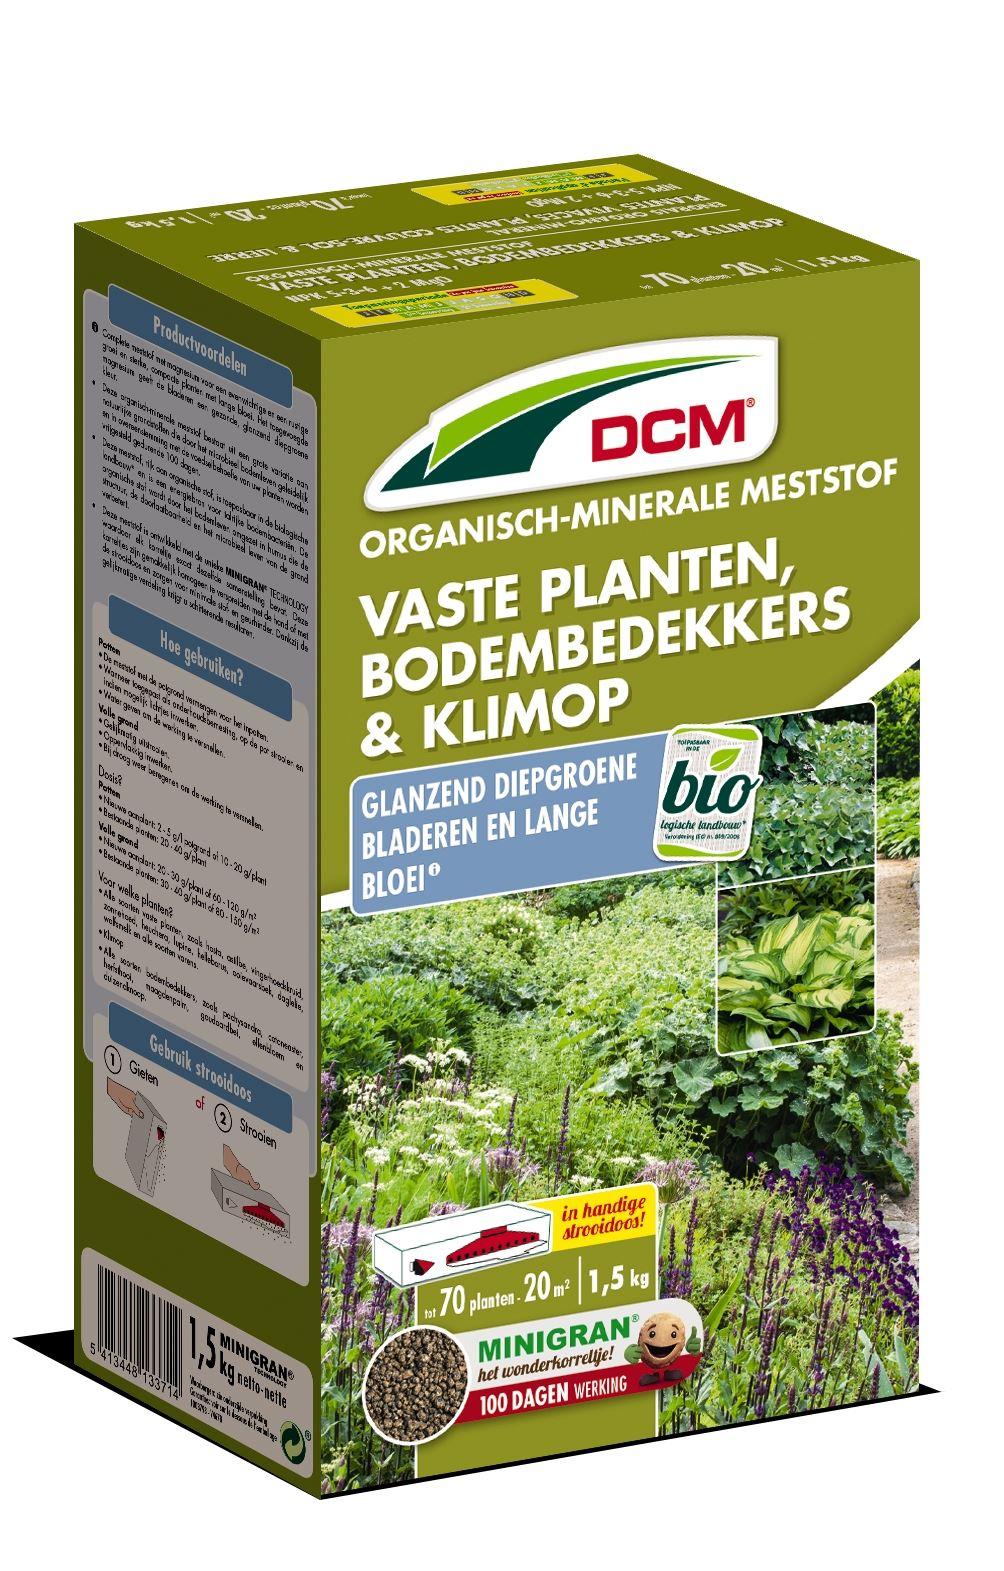 Meststof-vaste-planten-bodembedekkers-klimop-1-5kg-Bio-NPK-5-3-6-2MgO